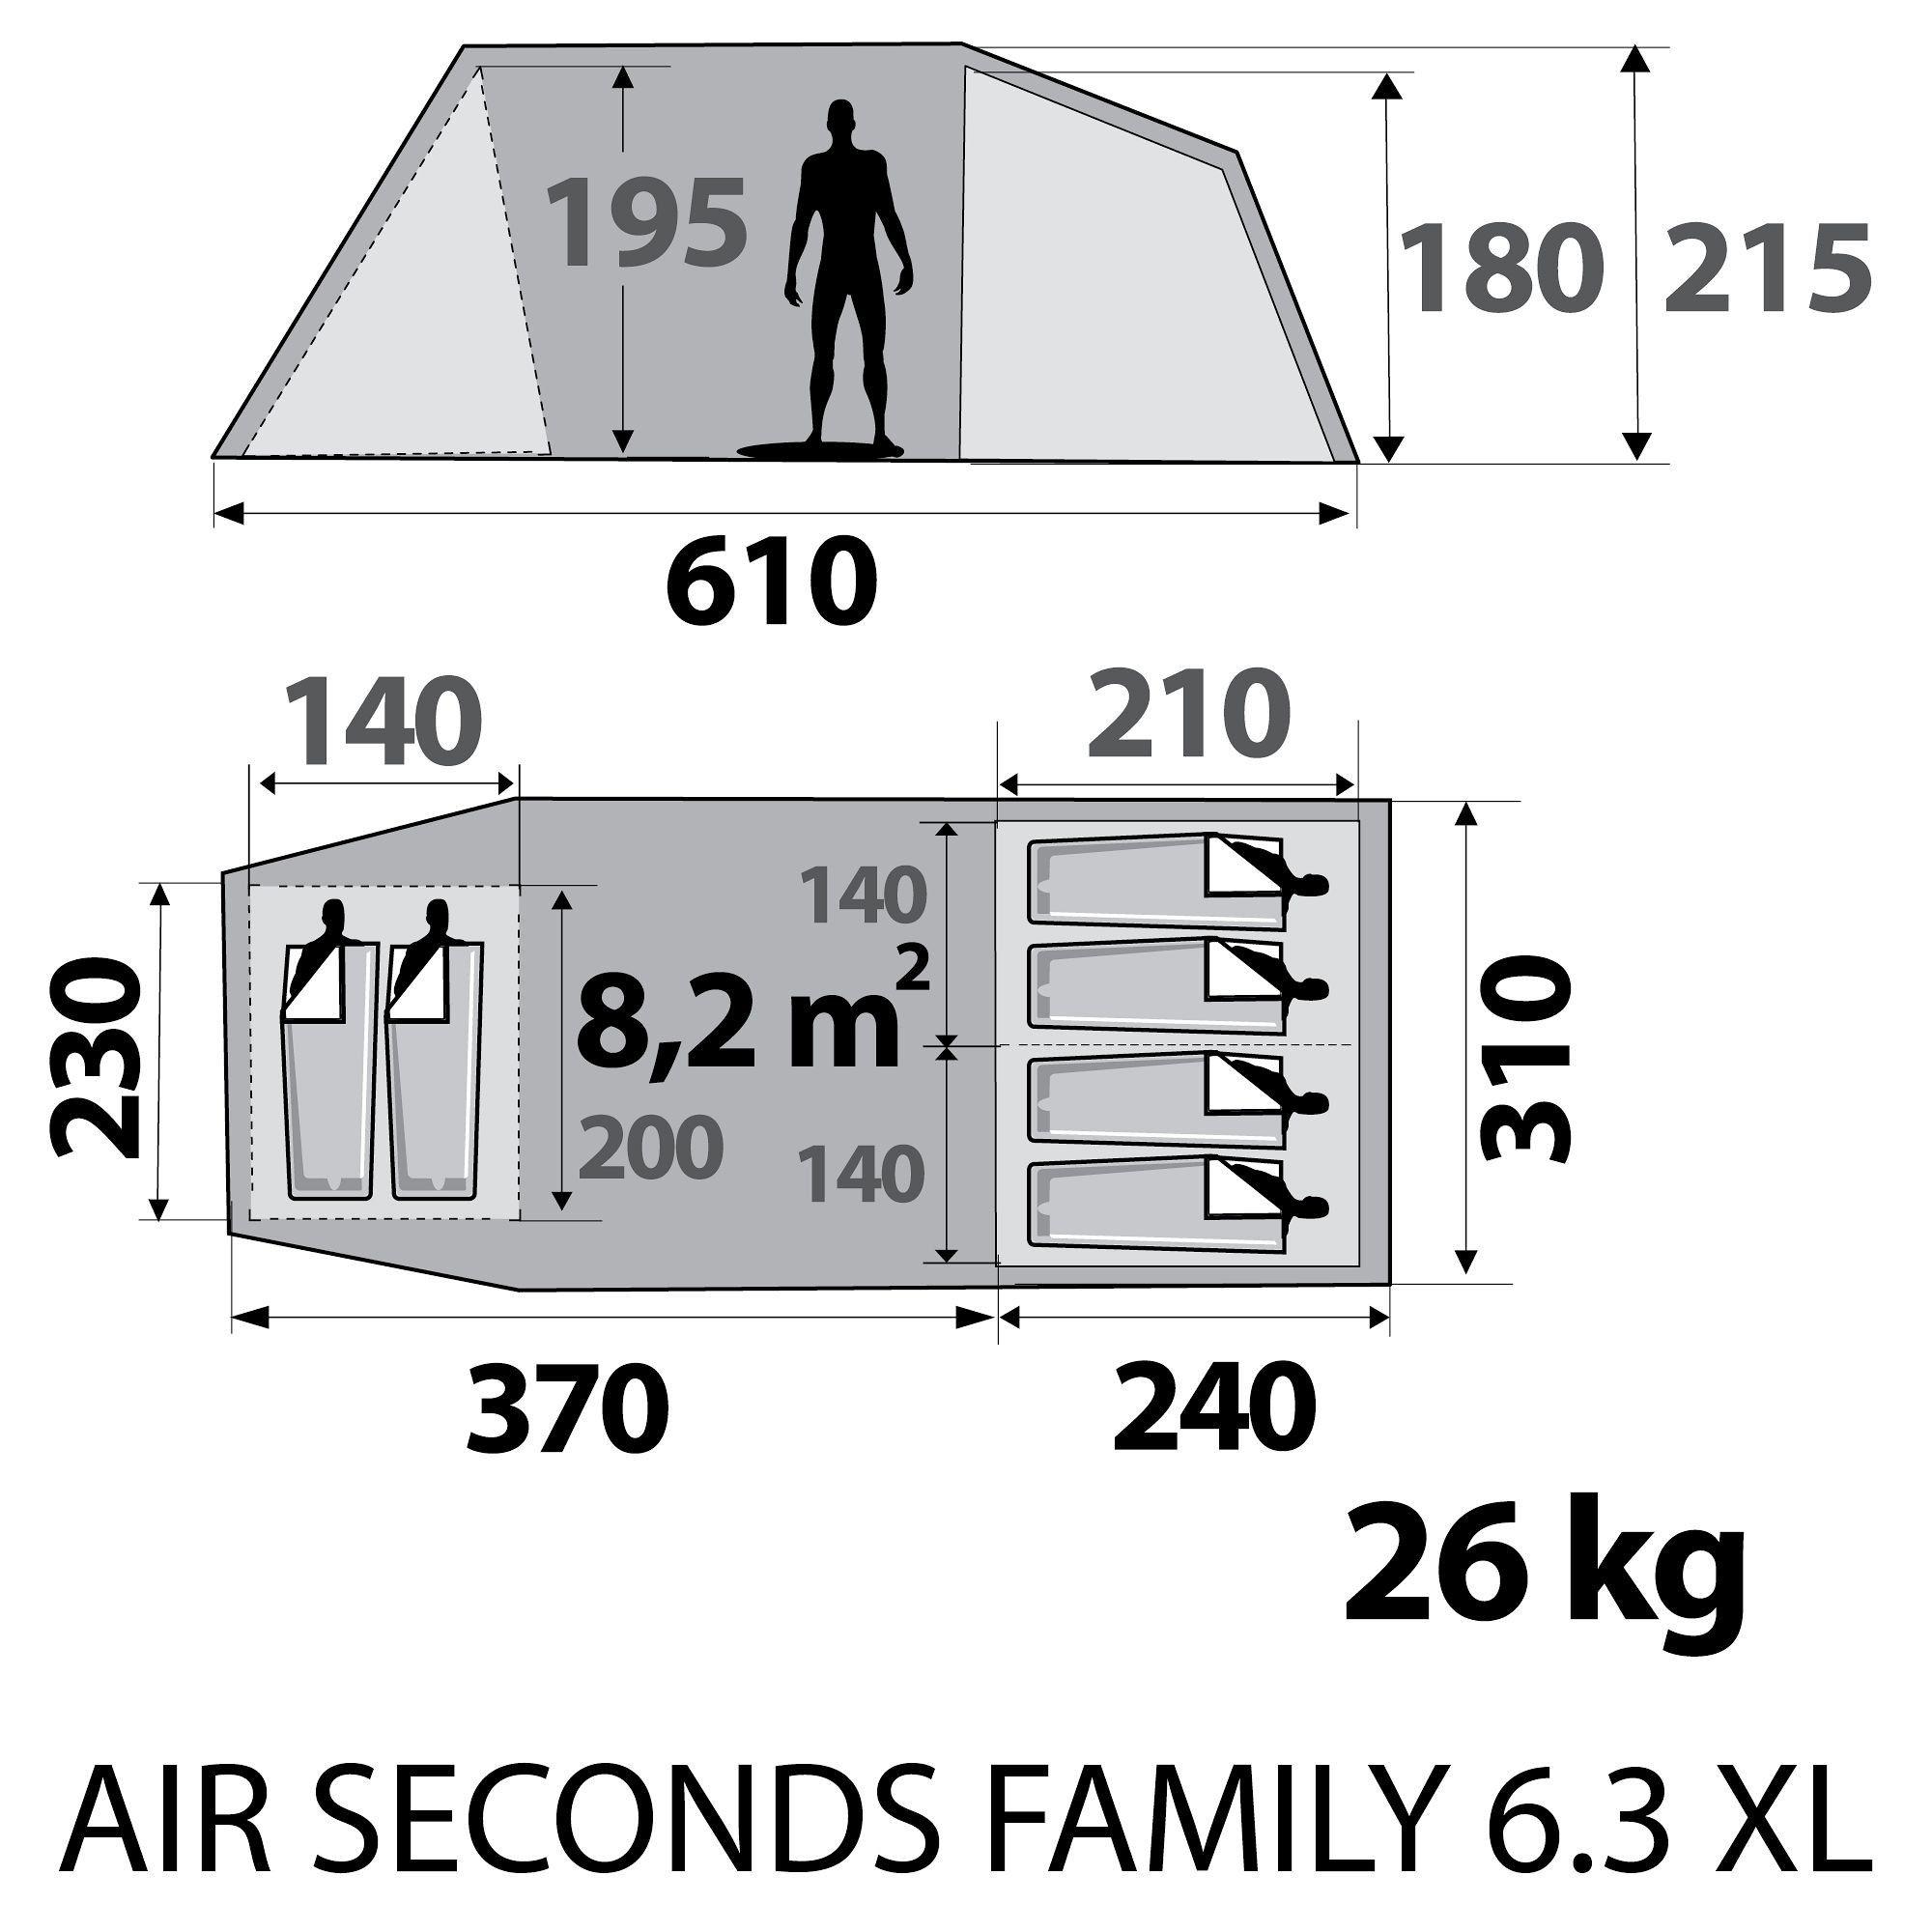 tente de camping air seconds family 6 personnes grise quechua d cathlon moustiquaire. Black Bedroom Furniture Sets. Home Design Ideas